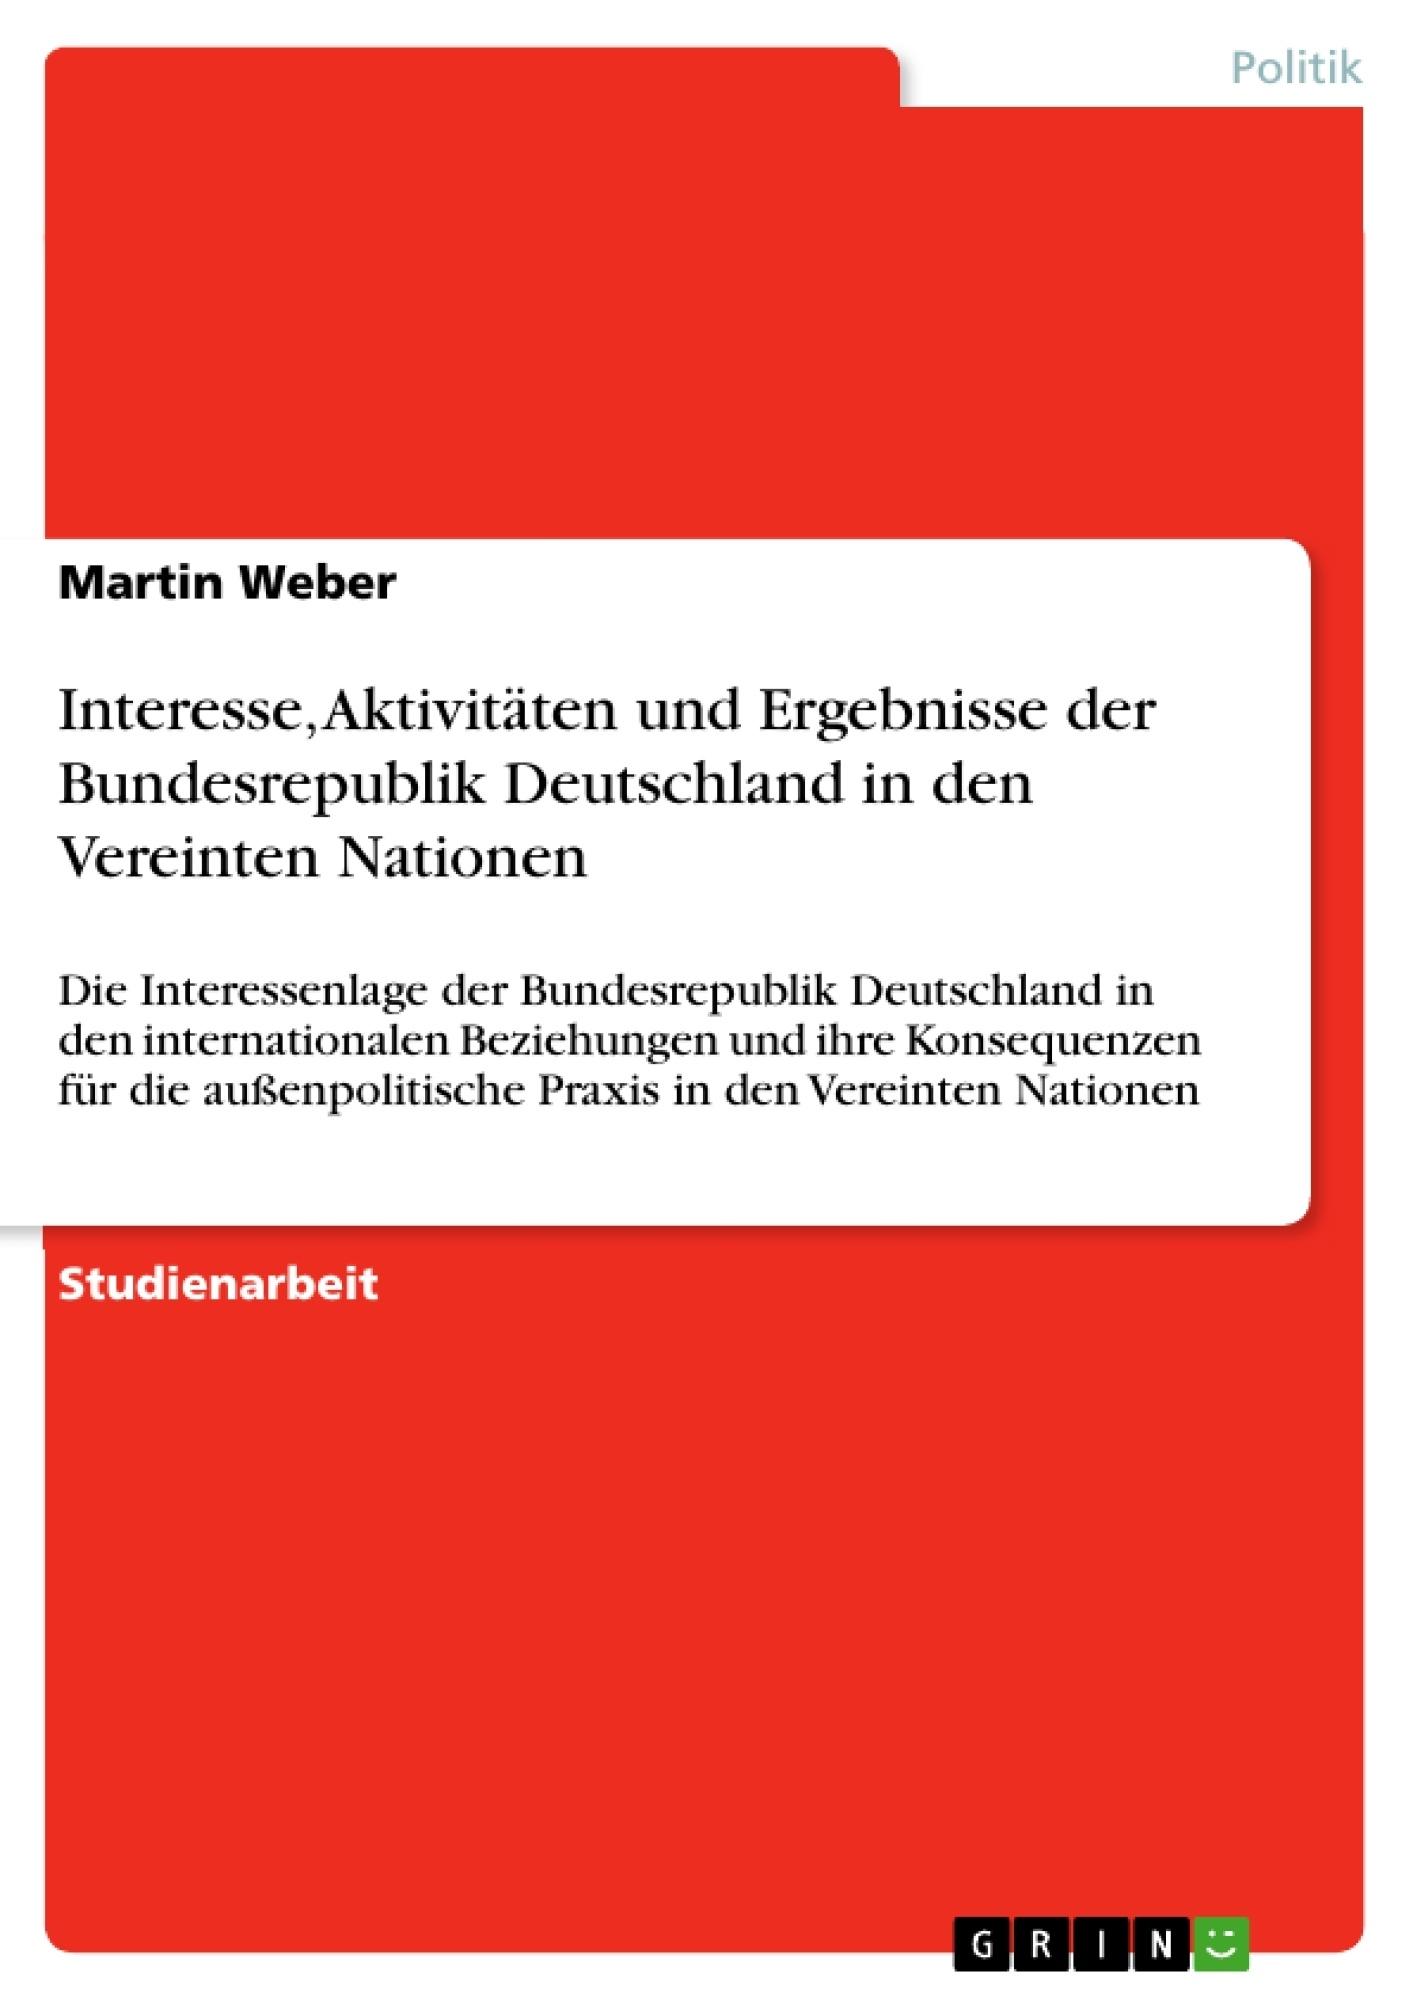 Titel: Interesse, Aktivitäten und Ergebnisse der Bundesrepublik Deutschland in den Vereinten Nationen